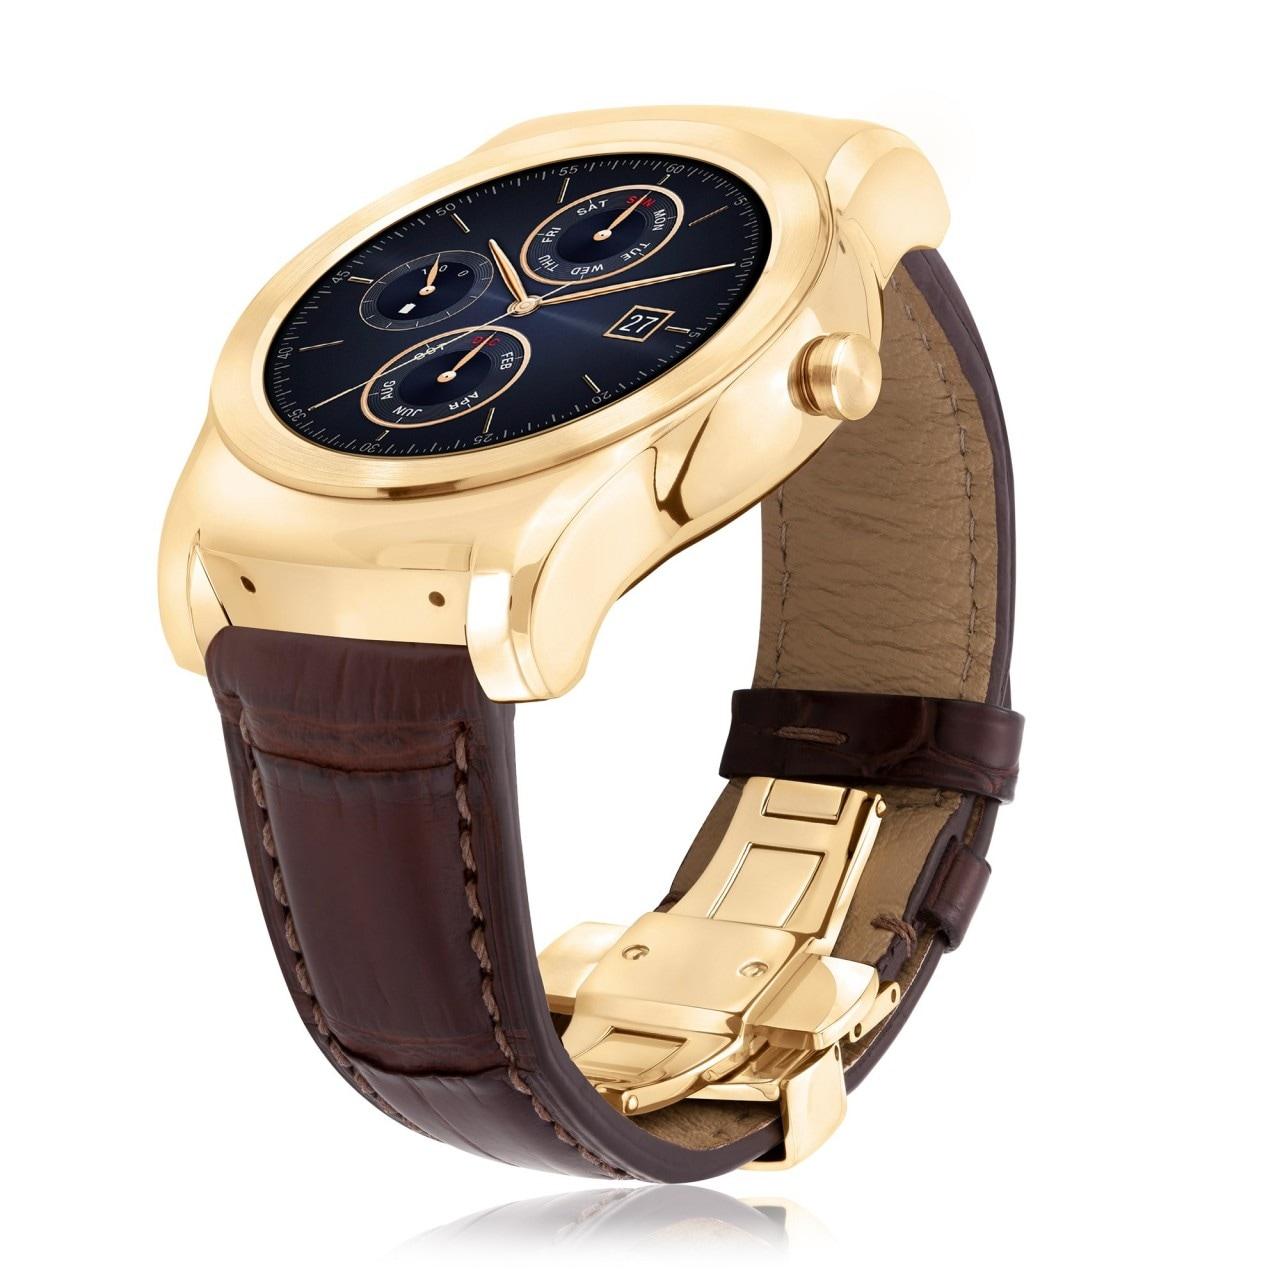 LG Watch Urbane si tinge d'oro 23k, in un'esclusiva edizione da soli 500 pezzi (foto)